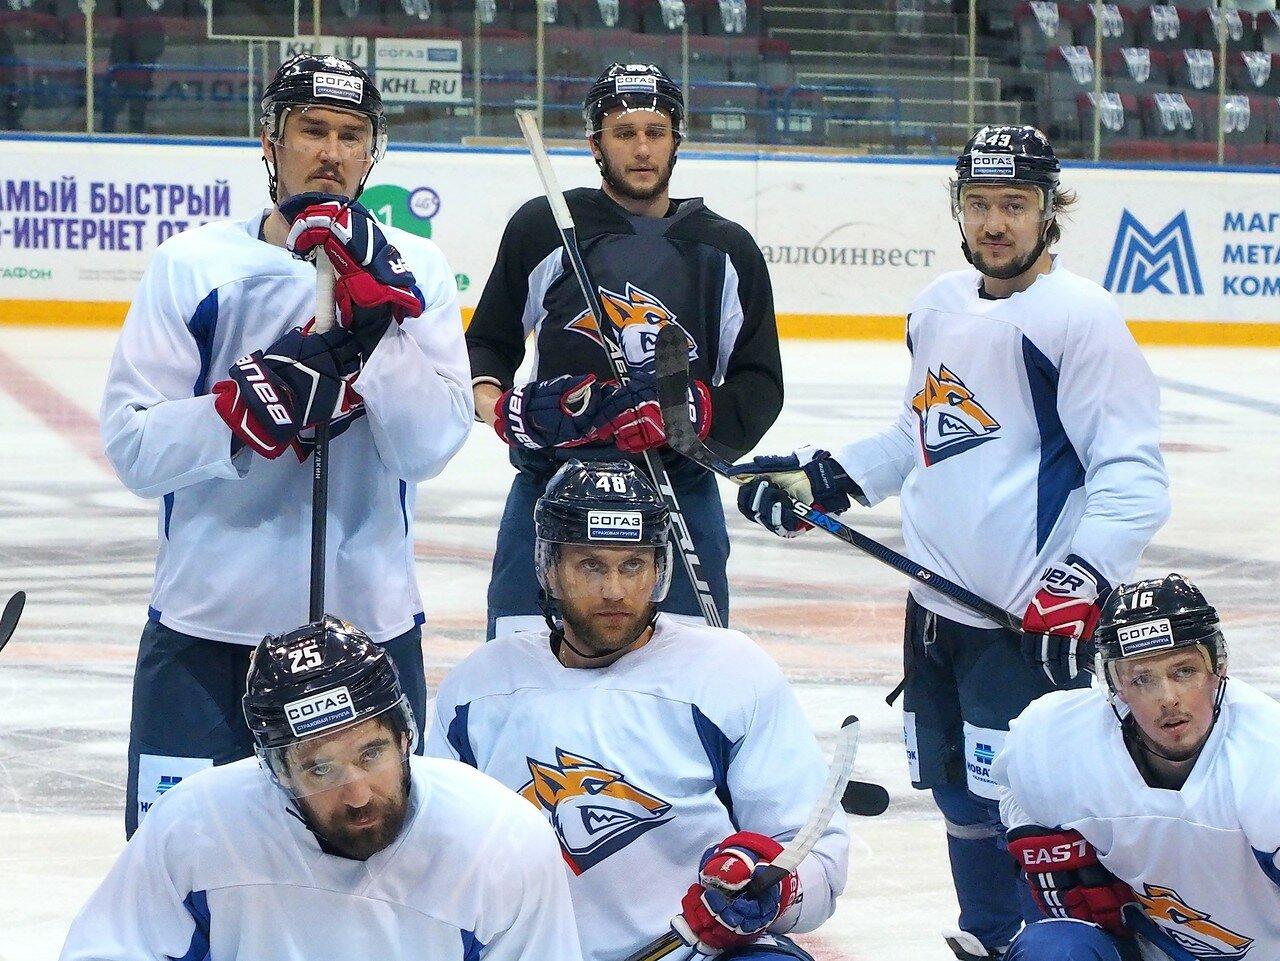 17 Открытая тренировка перед финалом плей-офф КХЛ 2017 06.04.2017